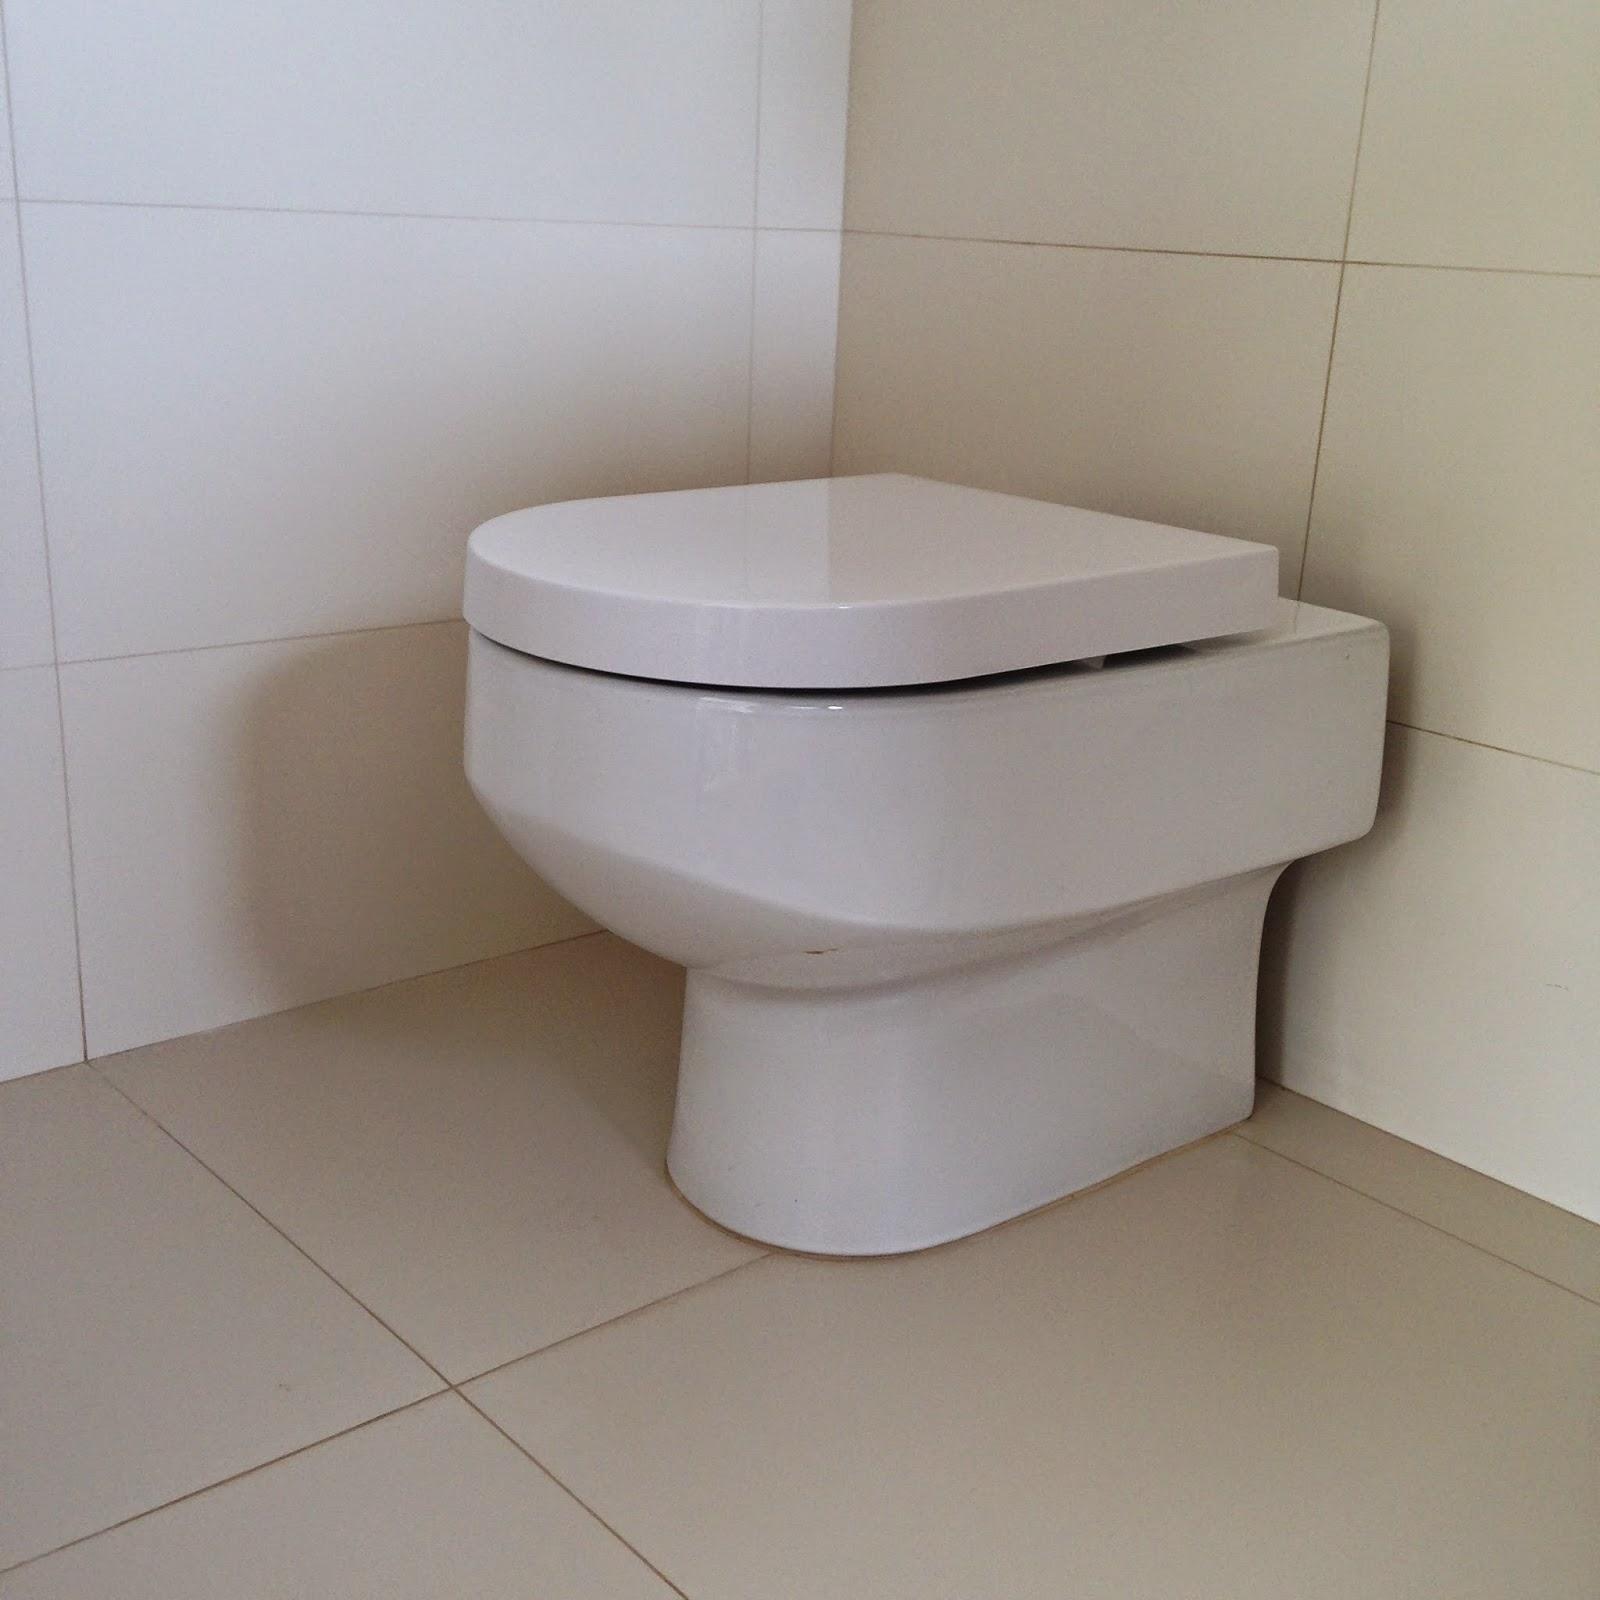 Detalhe do vaso Deca Carrara branco (R$450 na C&C) e assento Deca com  #614D3B 1600x1600 Banheiro Com Detalhe Amadeirado